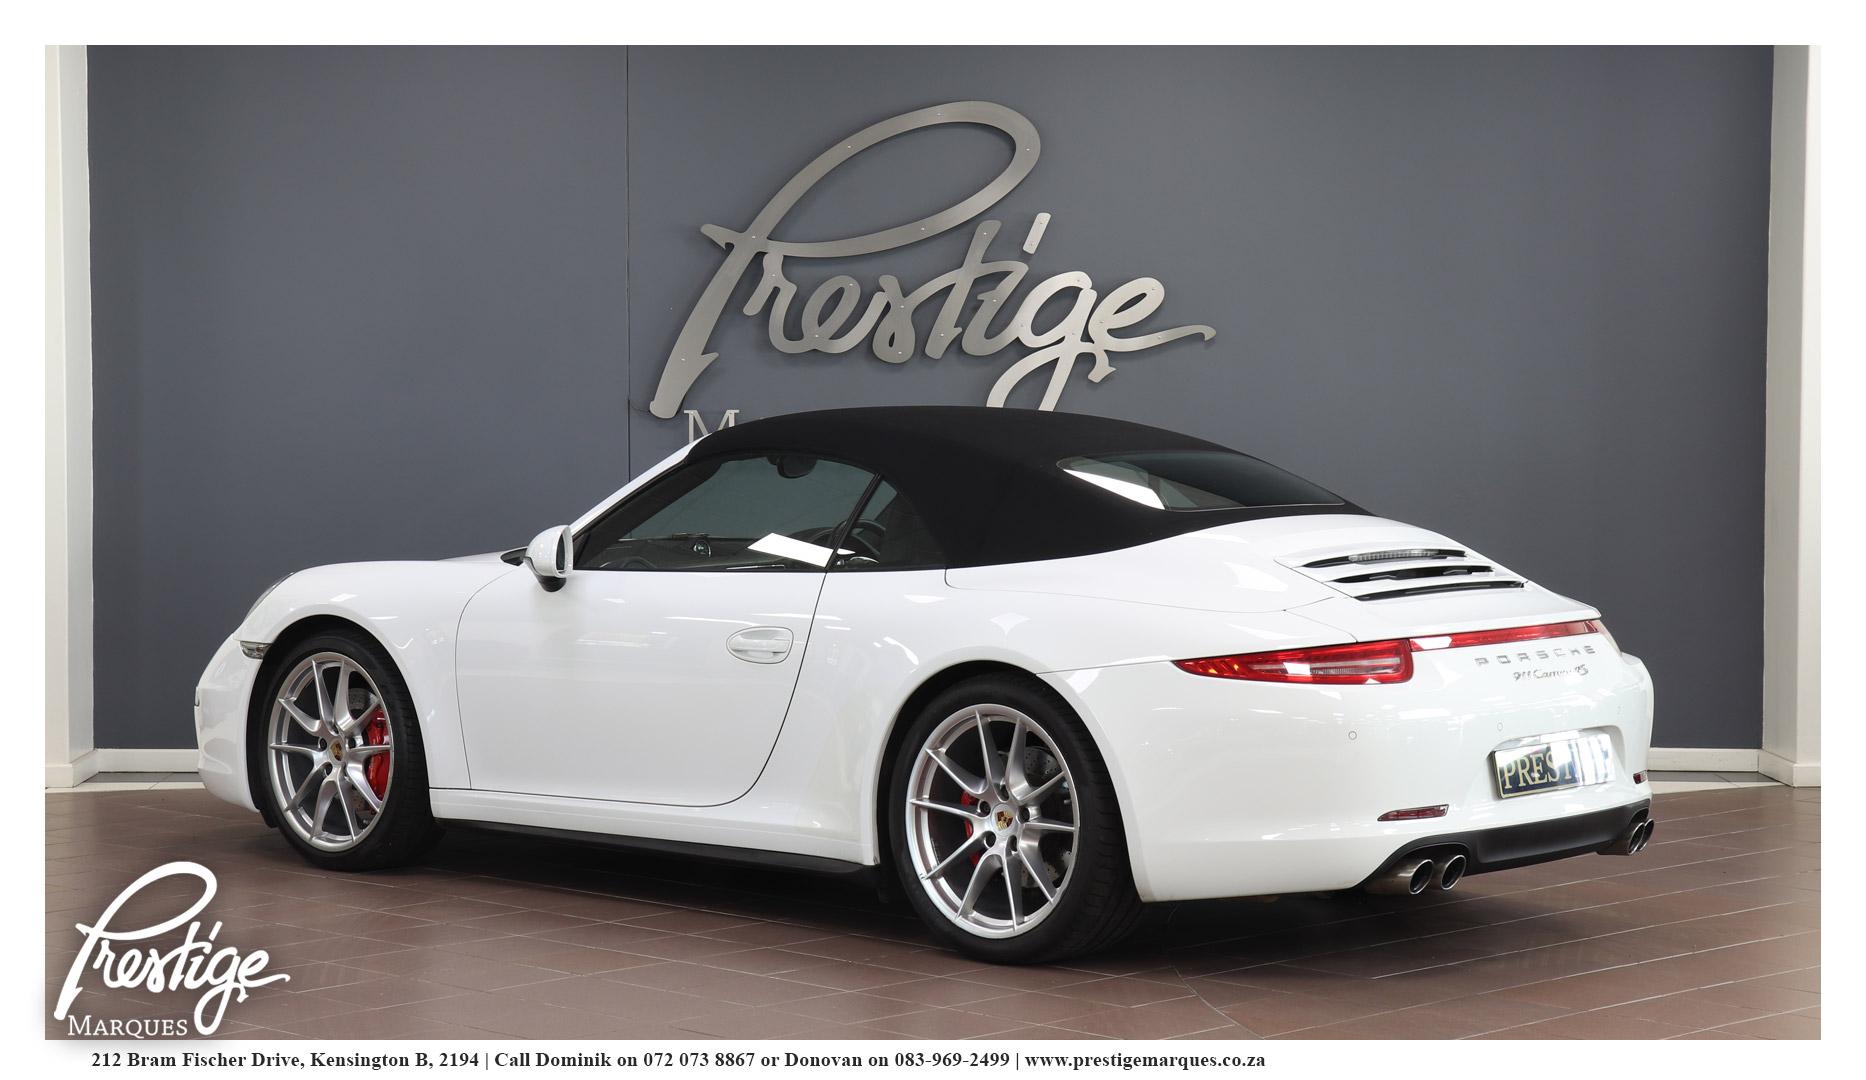 2013-Porsche-911-991-Carrera-4s-PDK-Cabriolet-Prestige-Marques-Randburg-Sandton-9